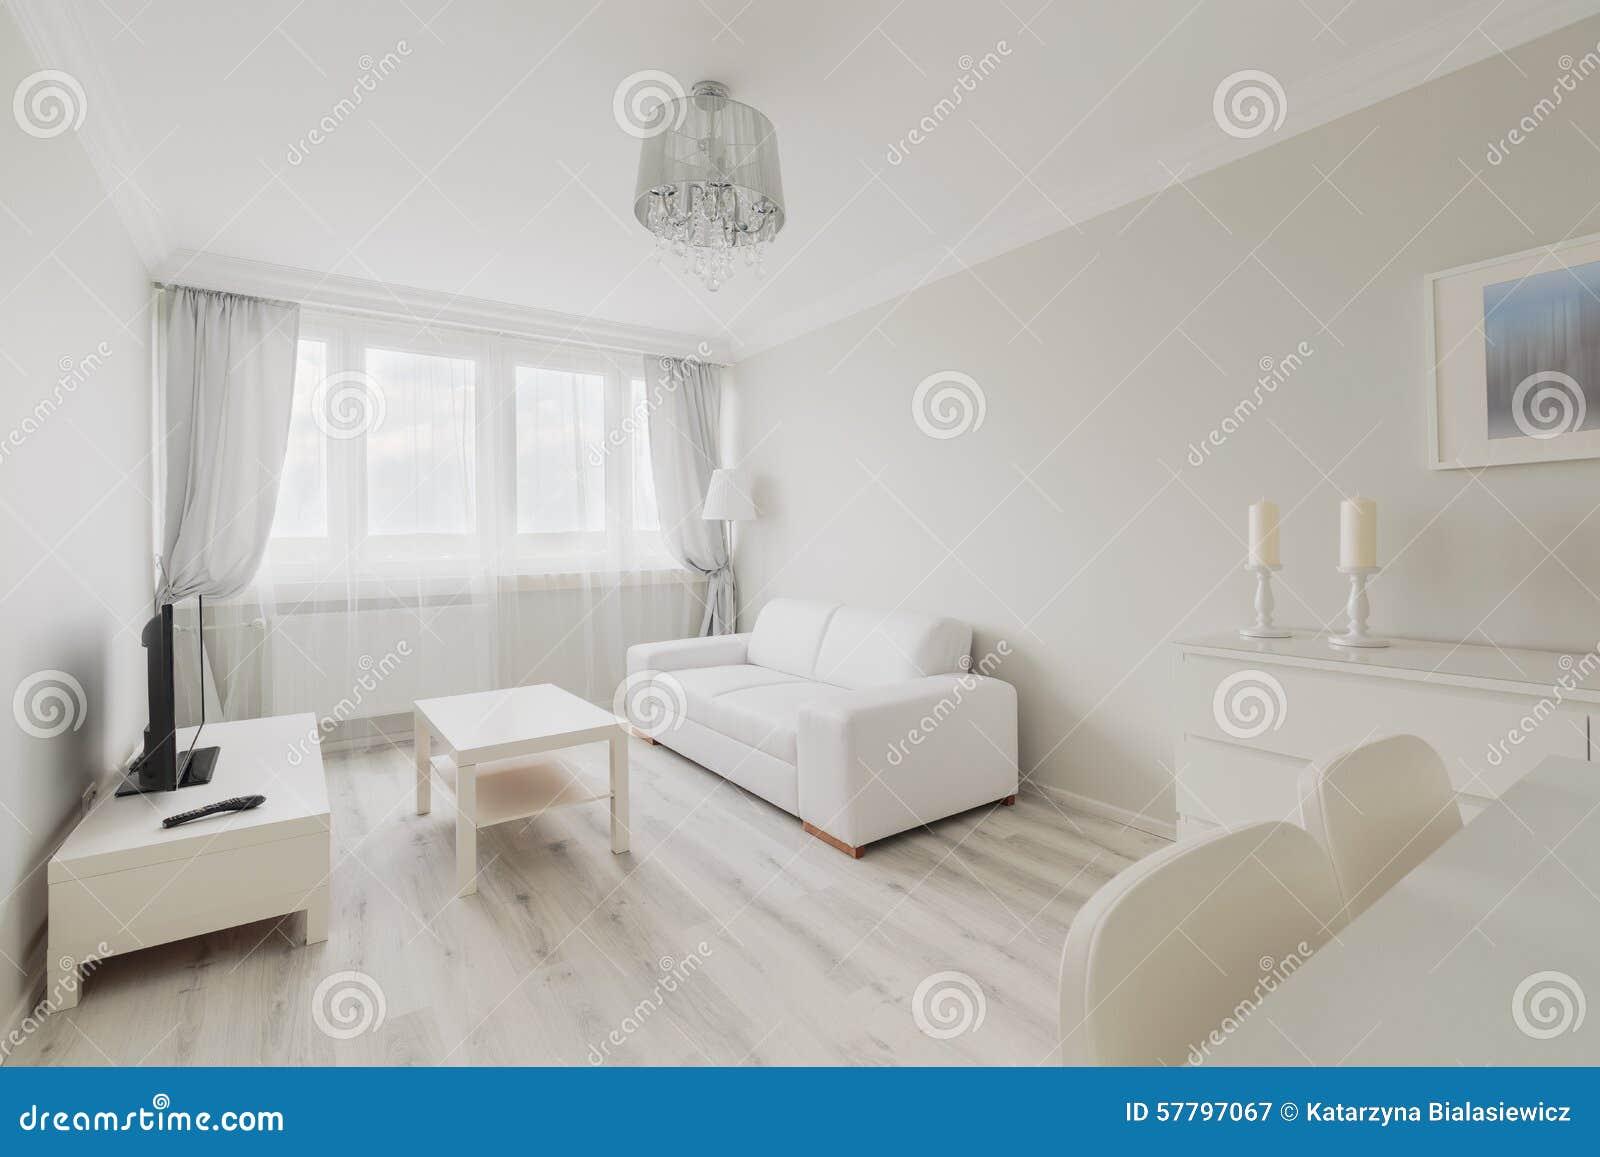 Mysig ljus vardagsrum arkivfoto   bild: 57797053